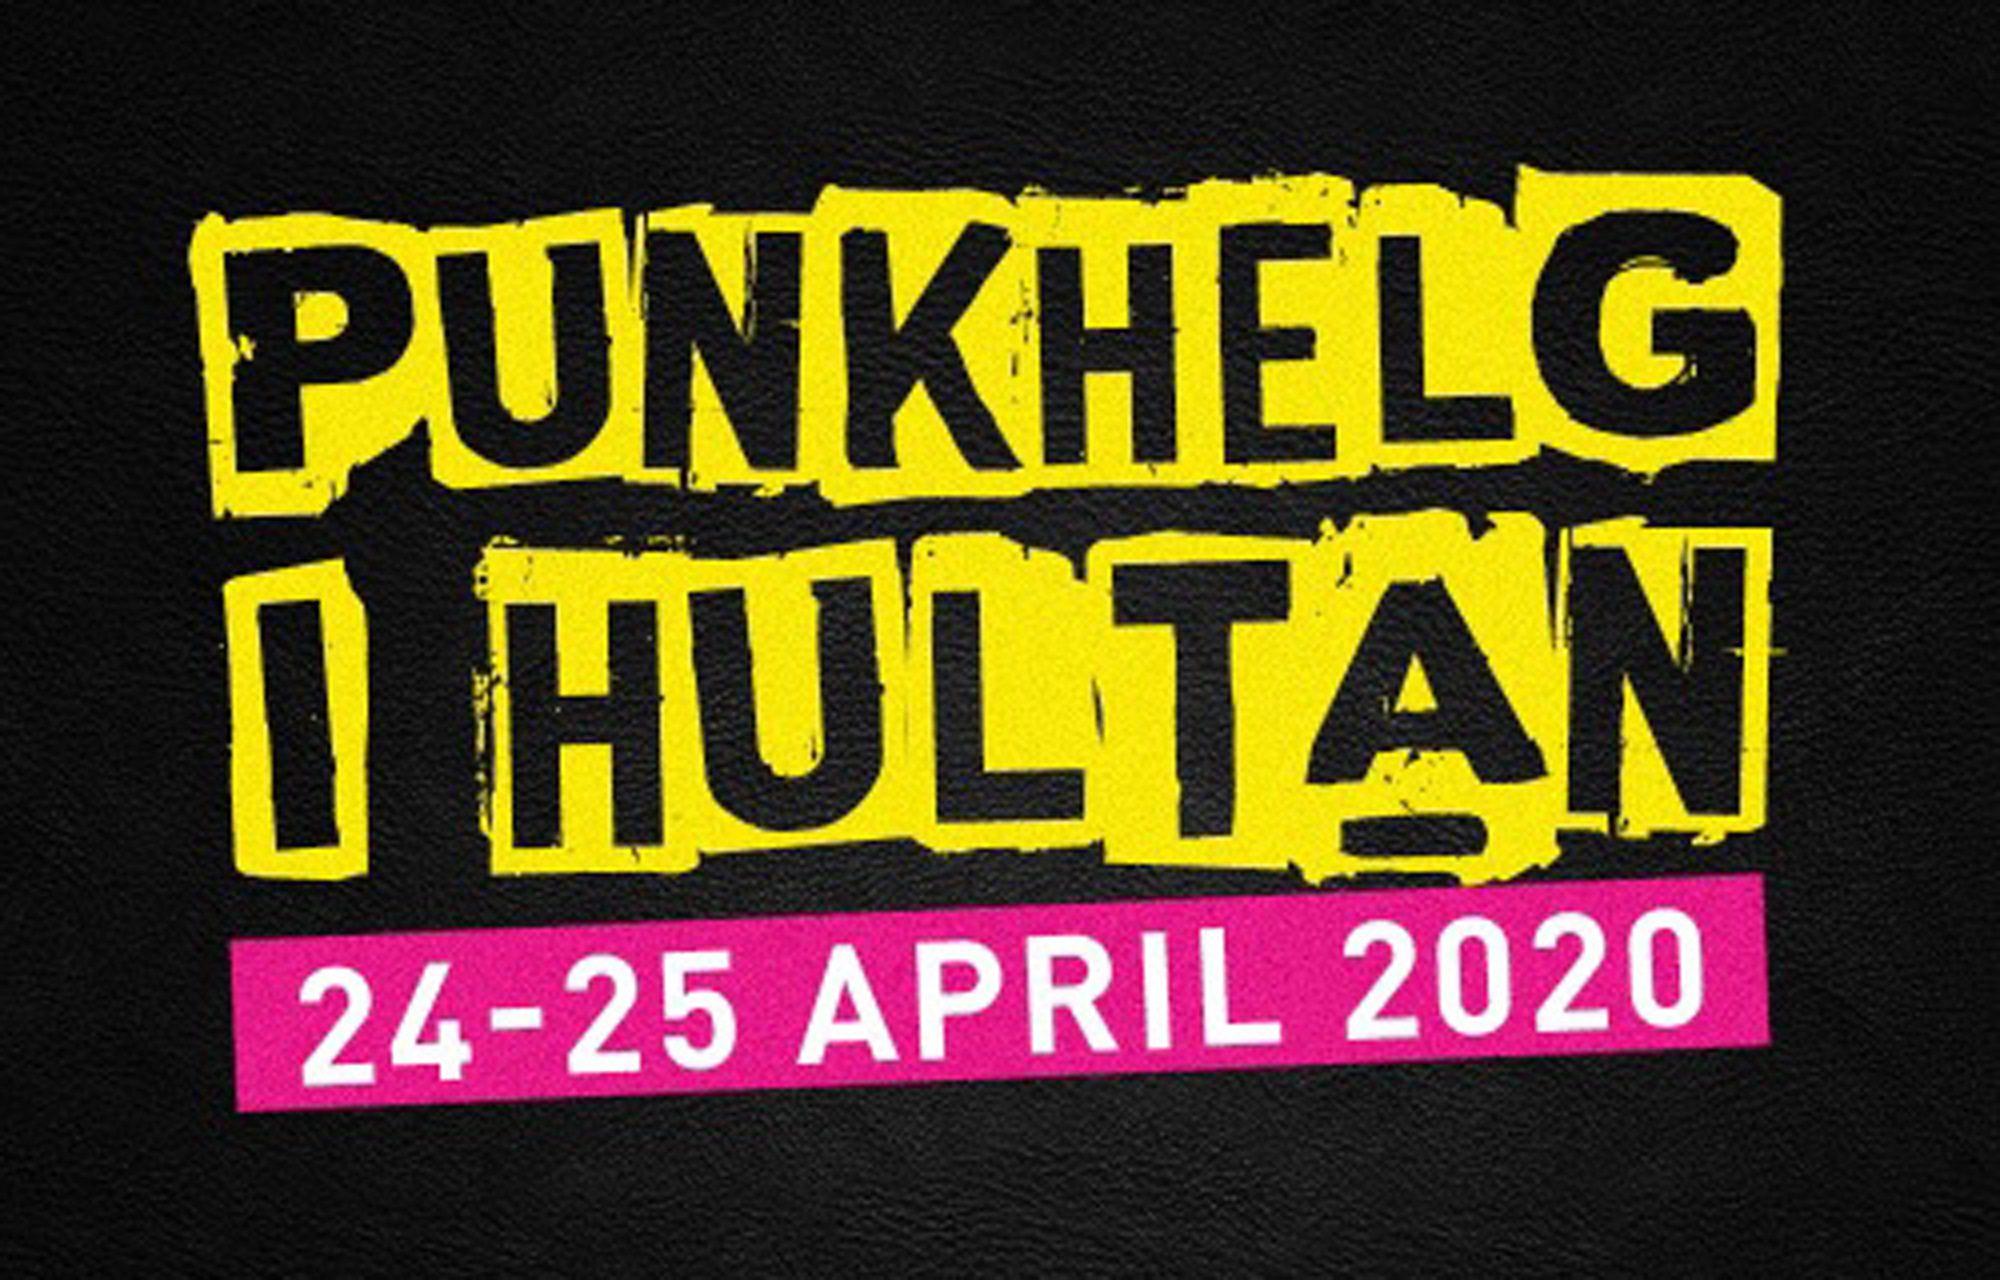 Punkhelg i Hultan